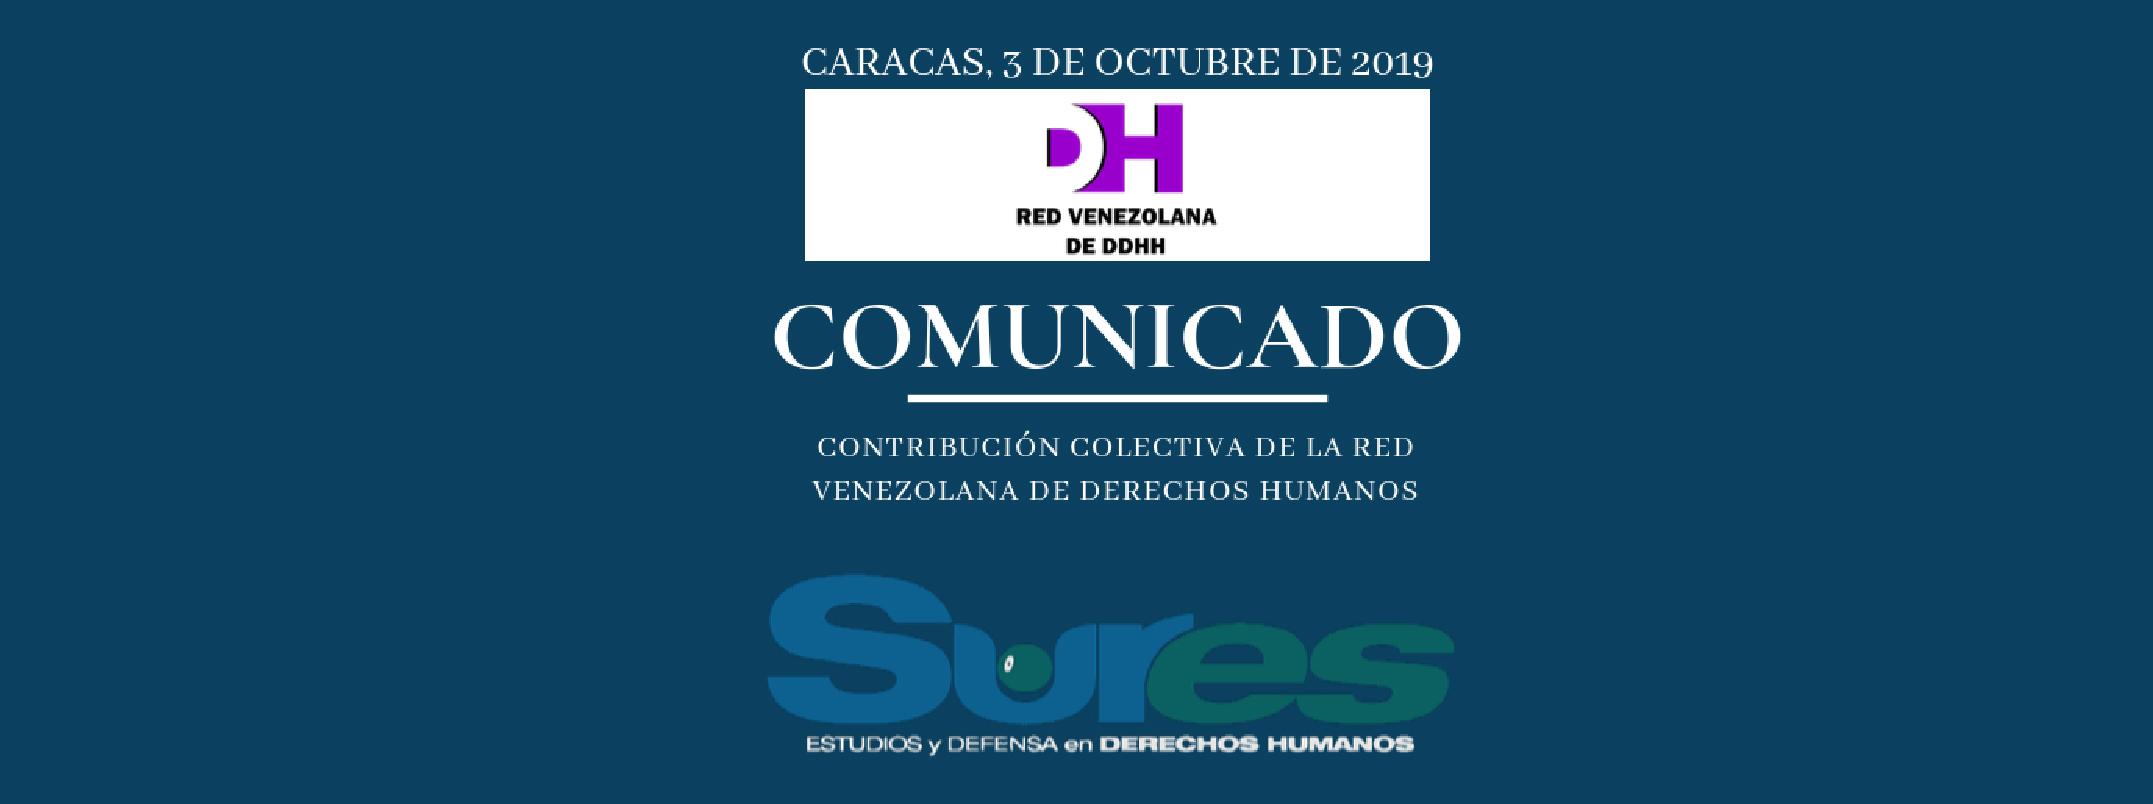 CONTRIBUCIÓN COLECTIVA DE LA RED VENEZOLANA DE DERECHOS HUMANOS